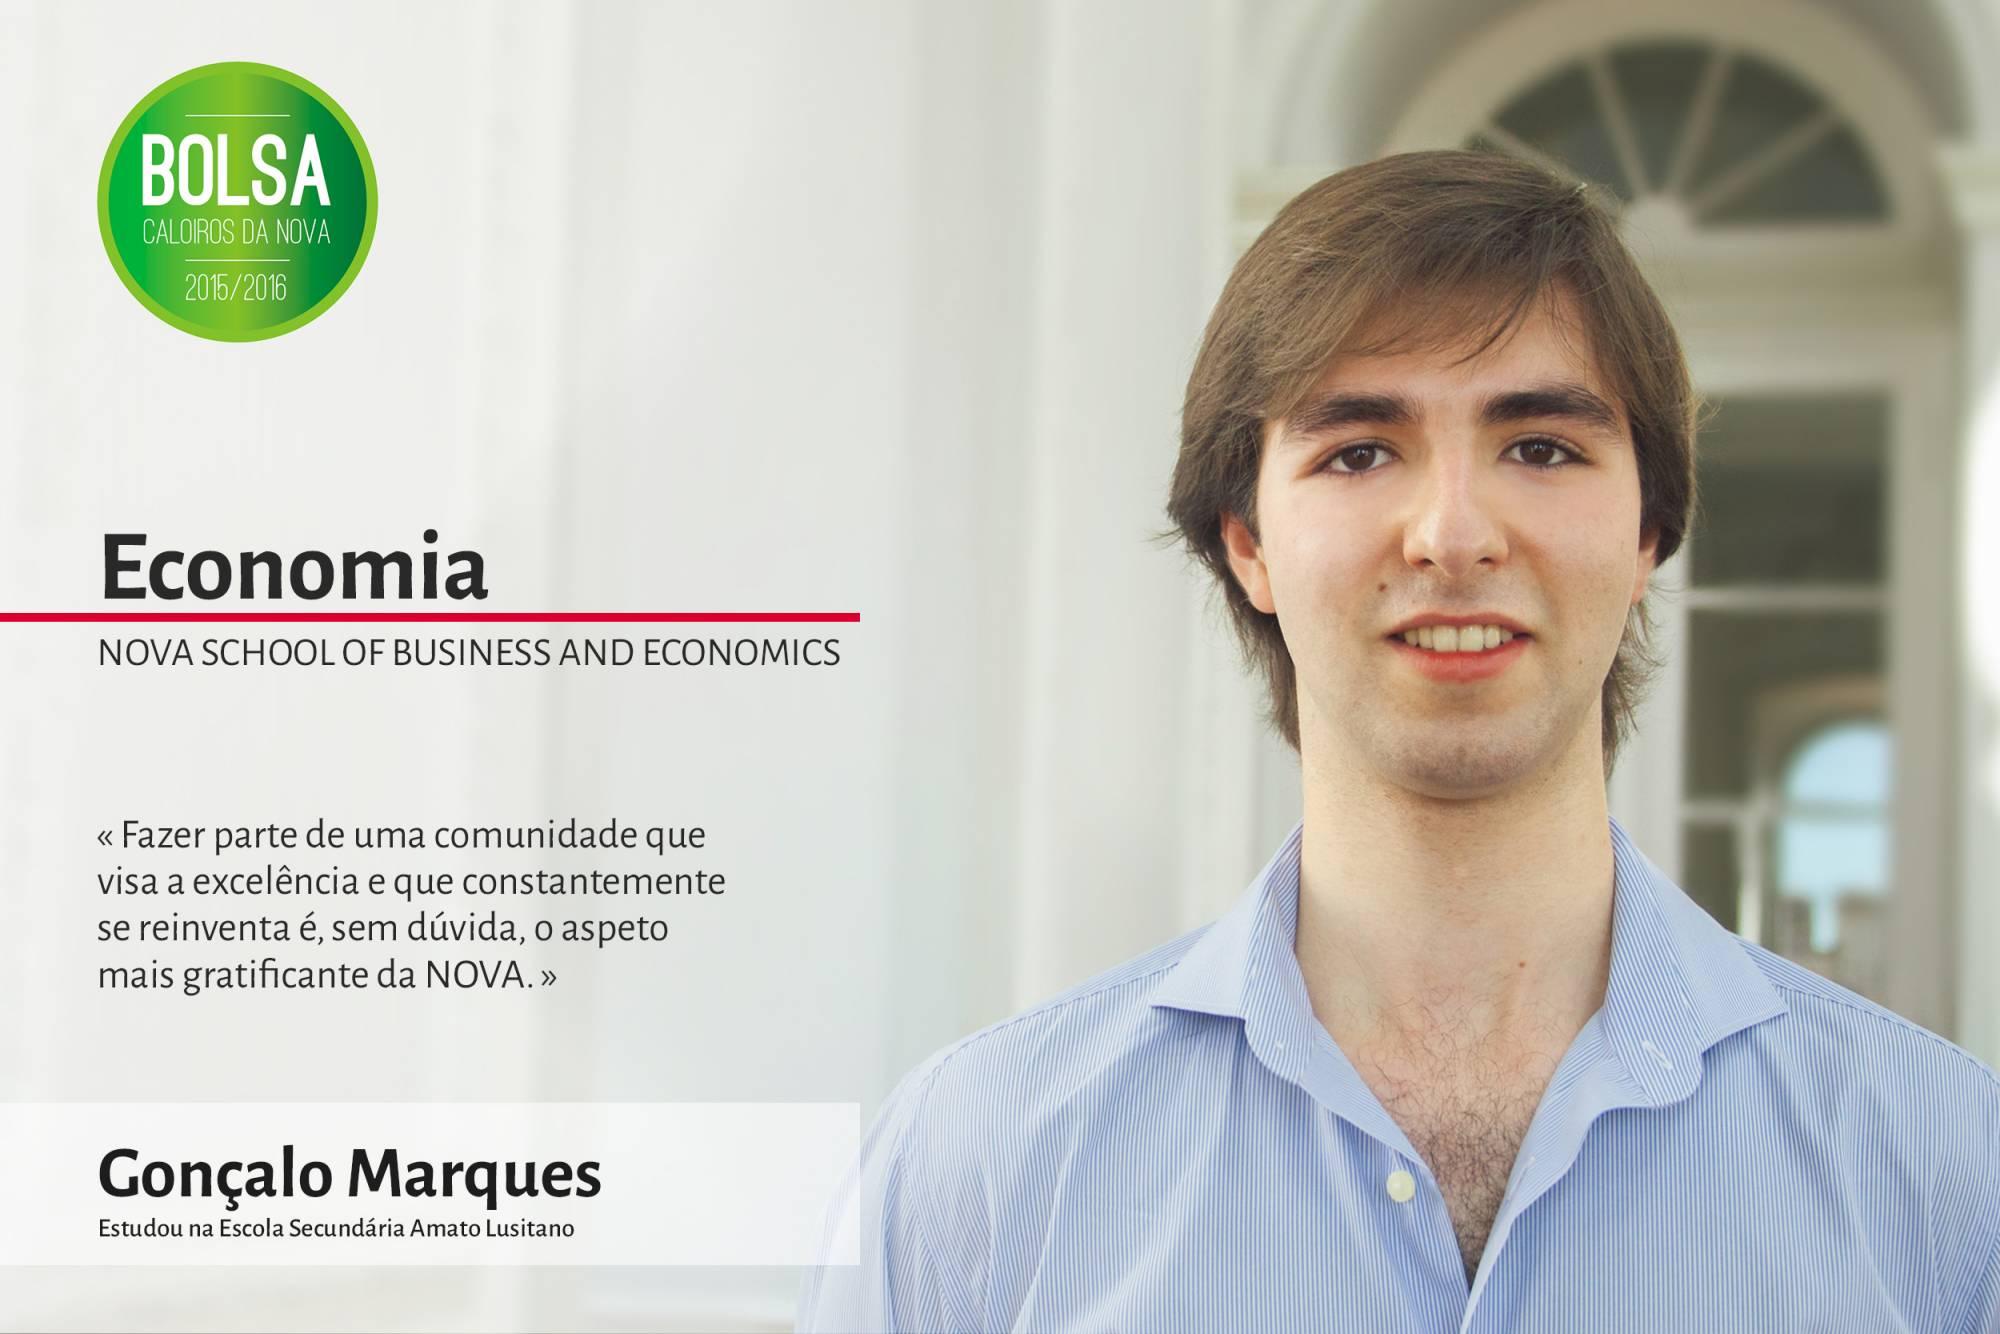 Gonçalo Marques, NOVA School of Business and Economics